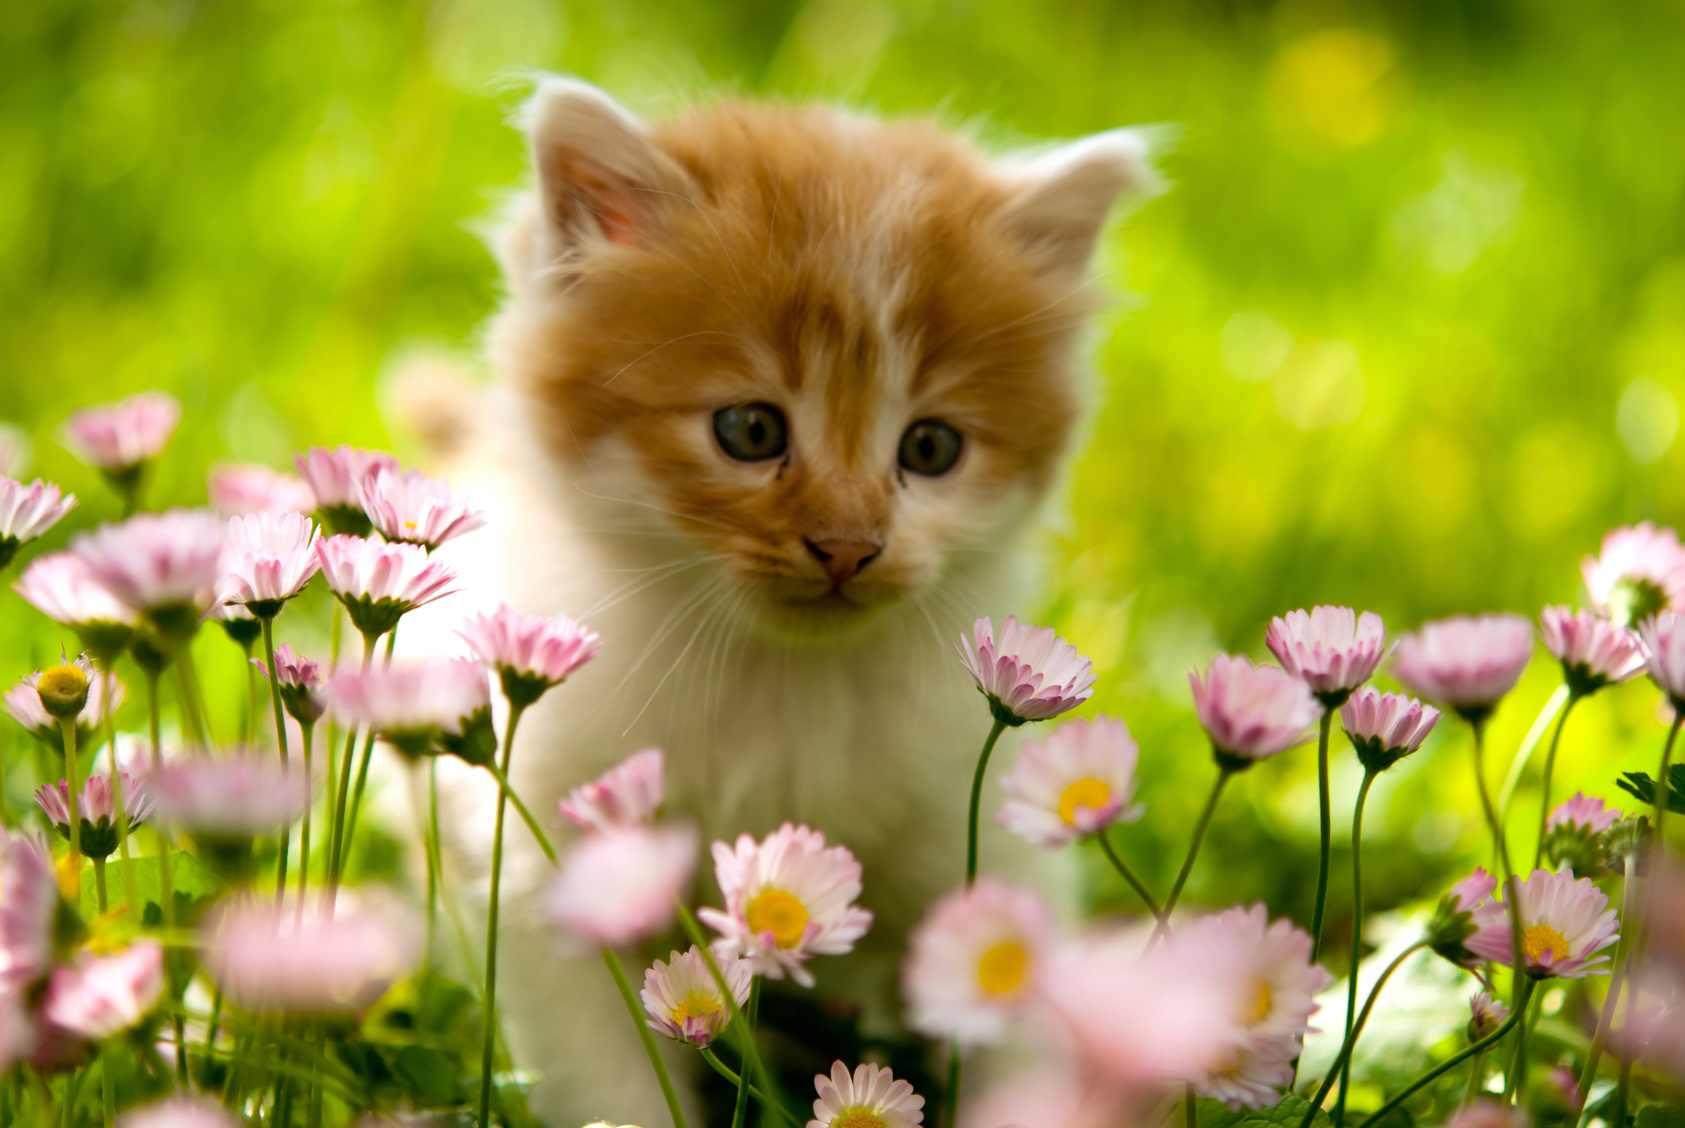 Comment loigner les chats du jardin - Eloigner les chats du jardin ...